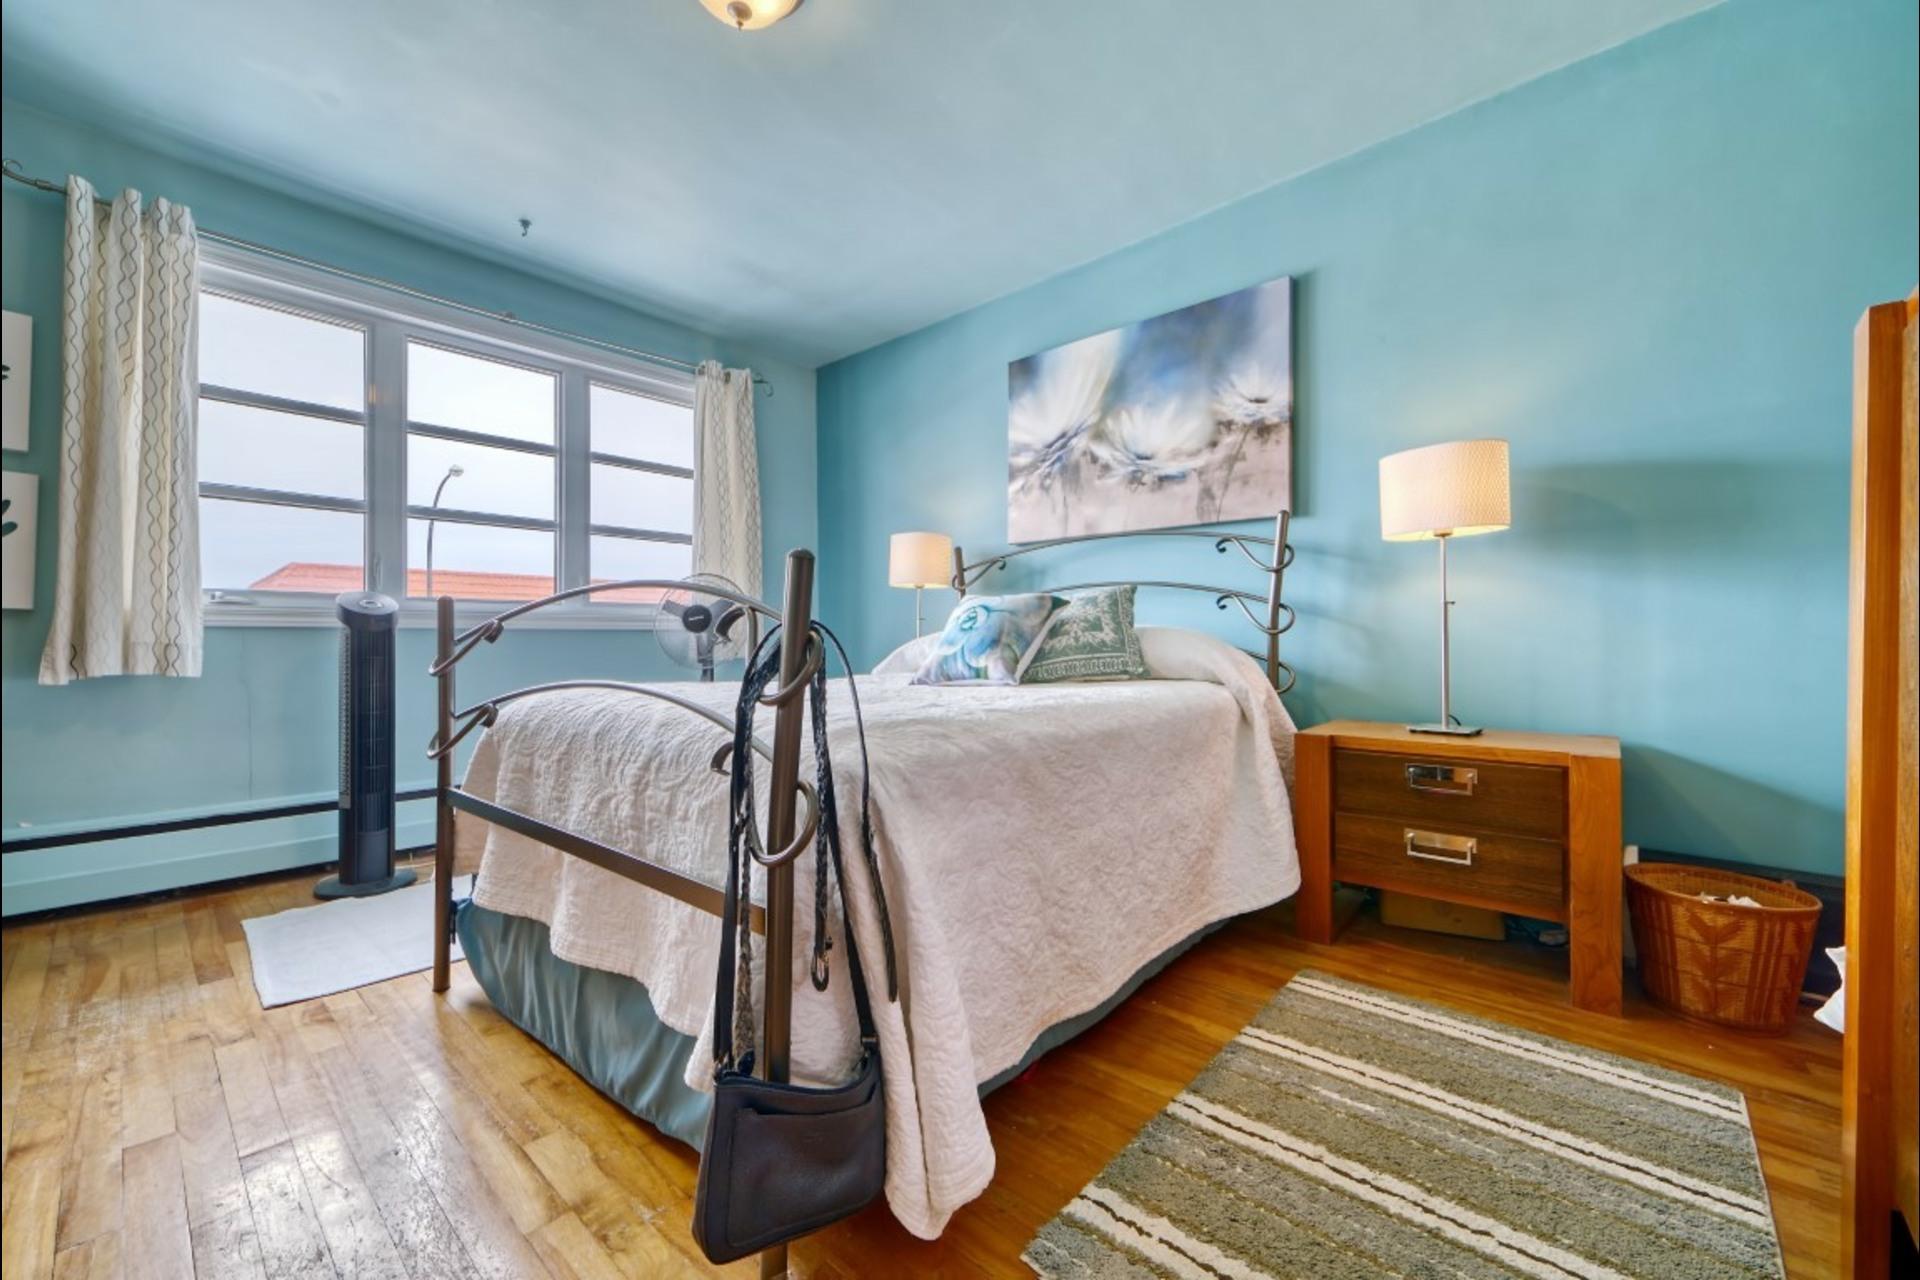 image 1 - Appartement À louer Montréal Saint-Leonard - 5 pièces